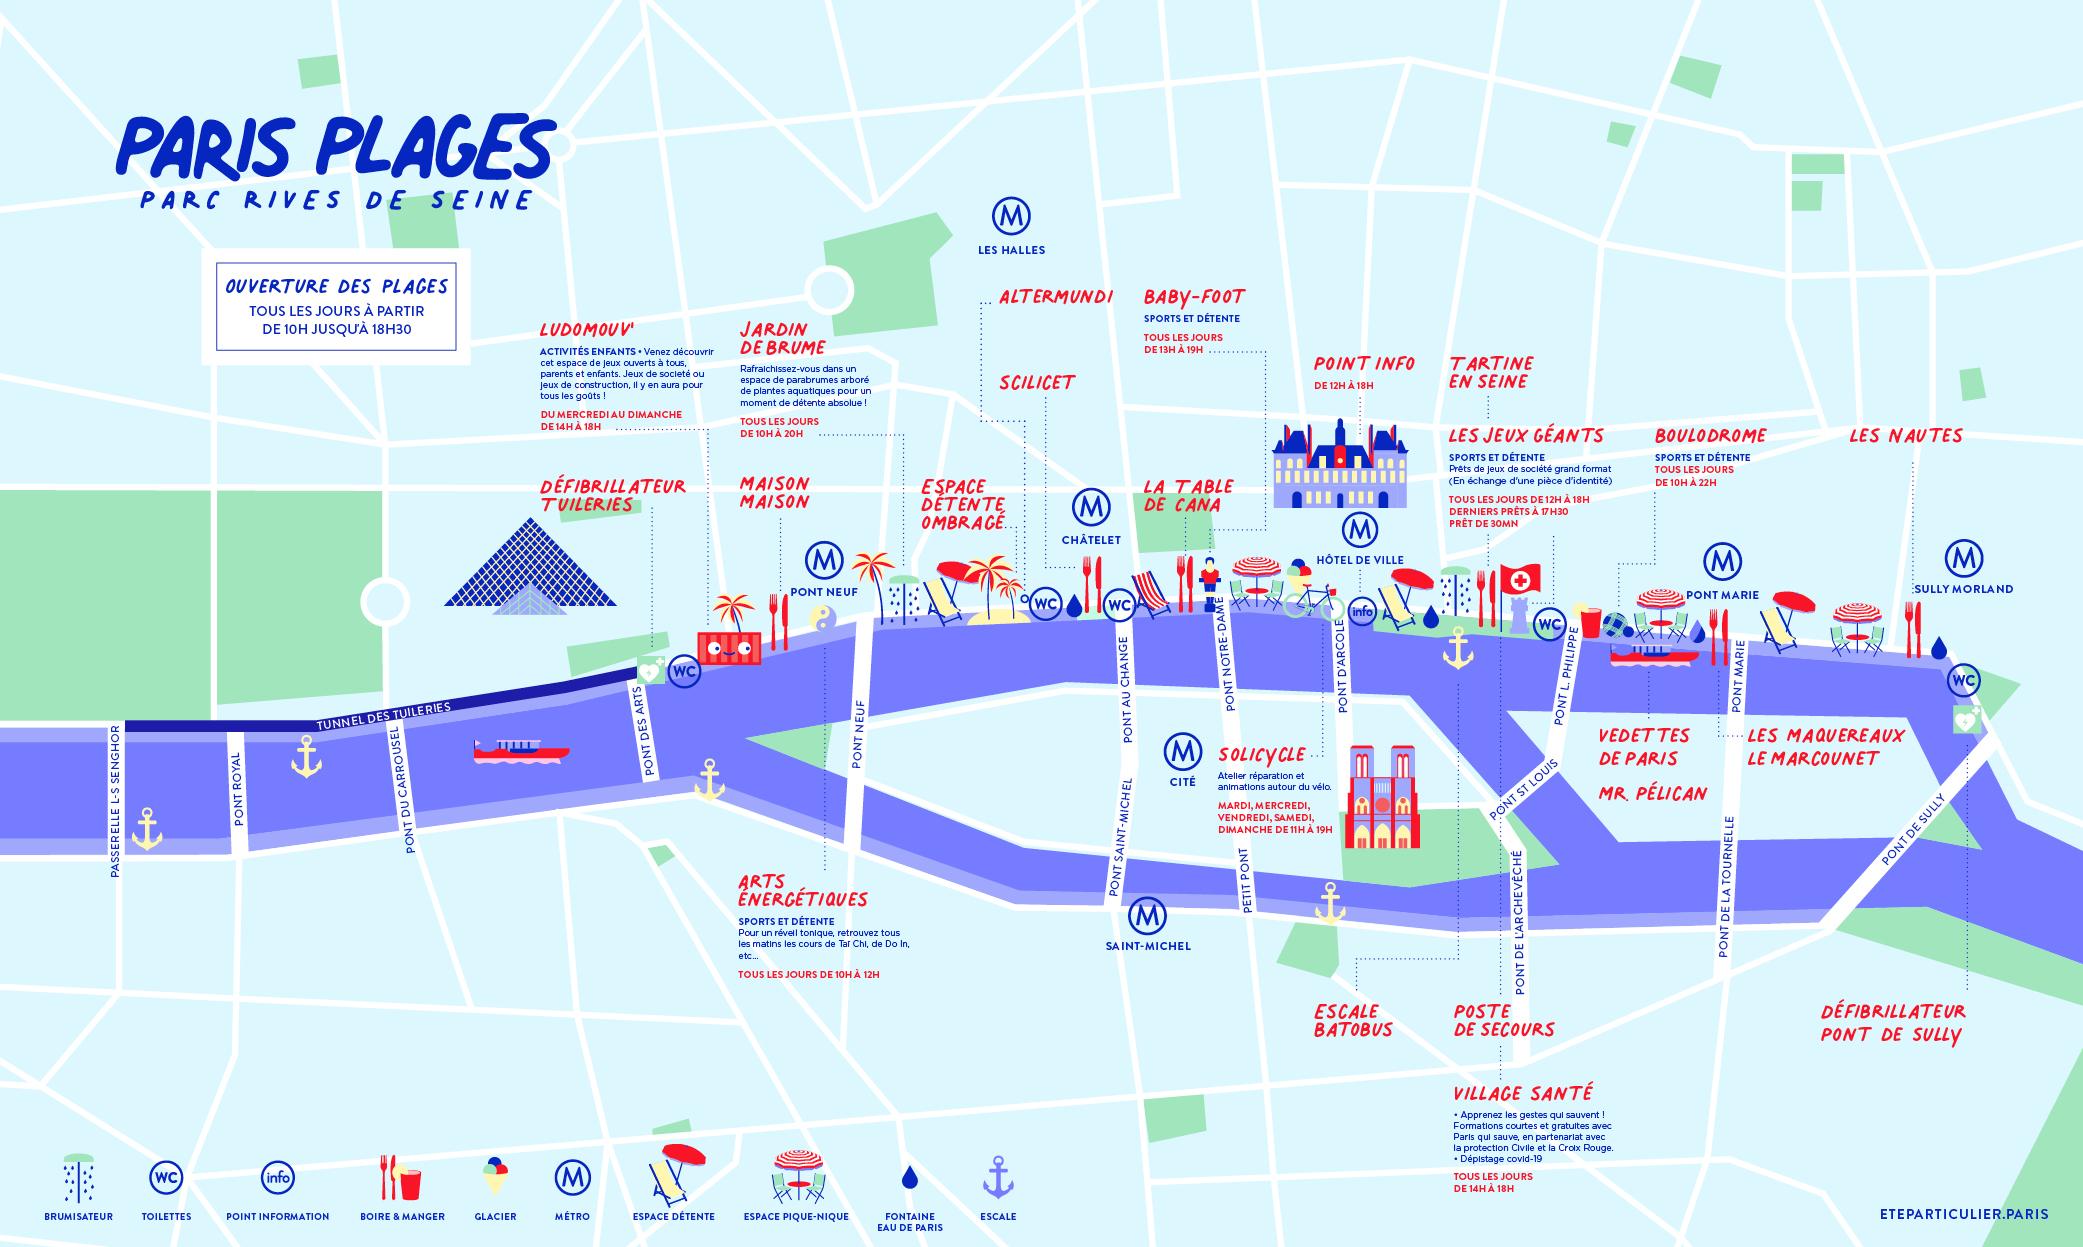 Paris Plages rives de Seine